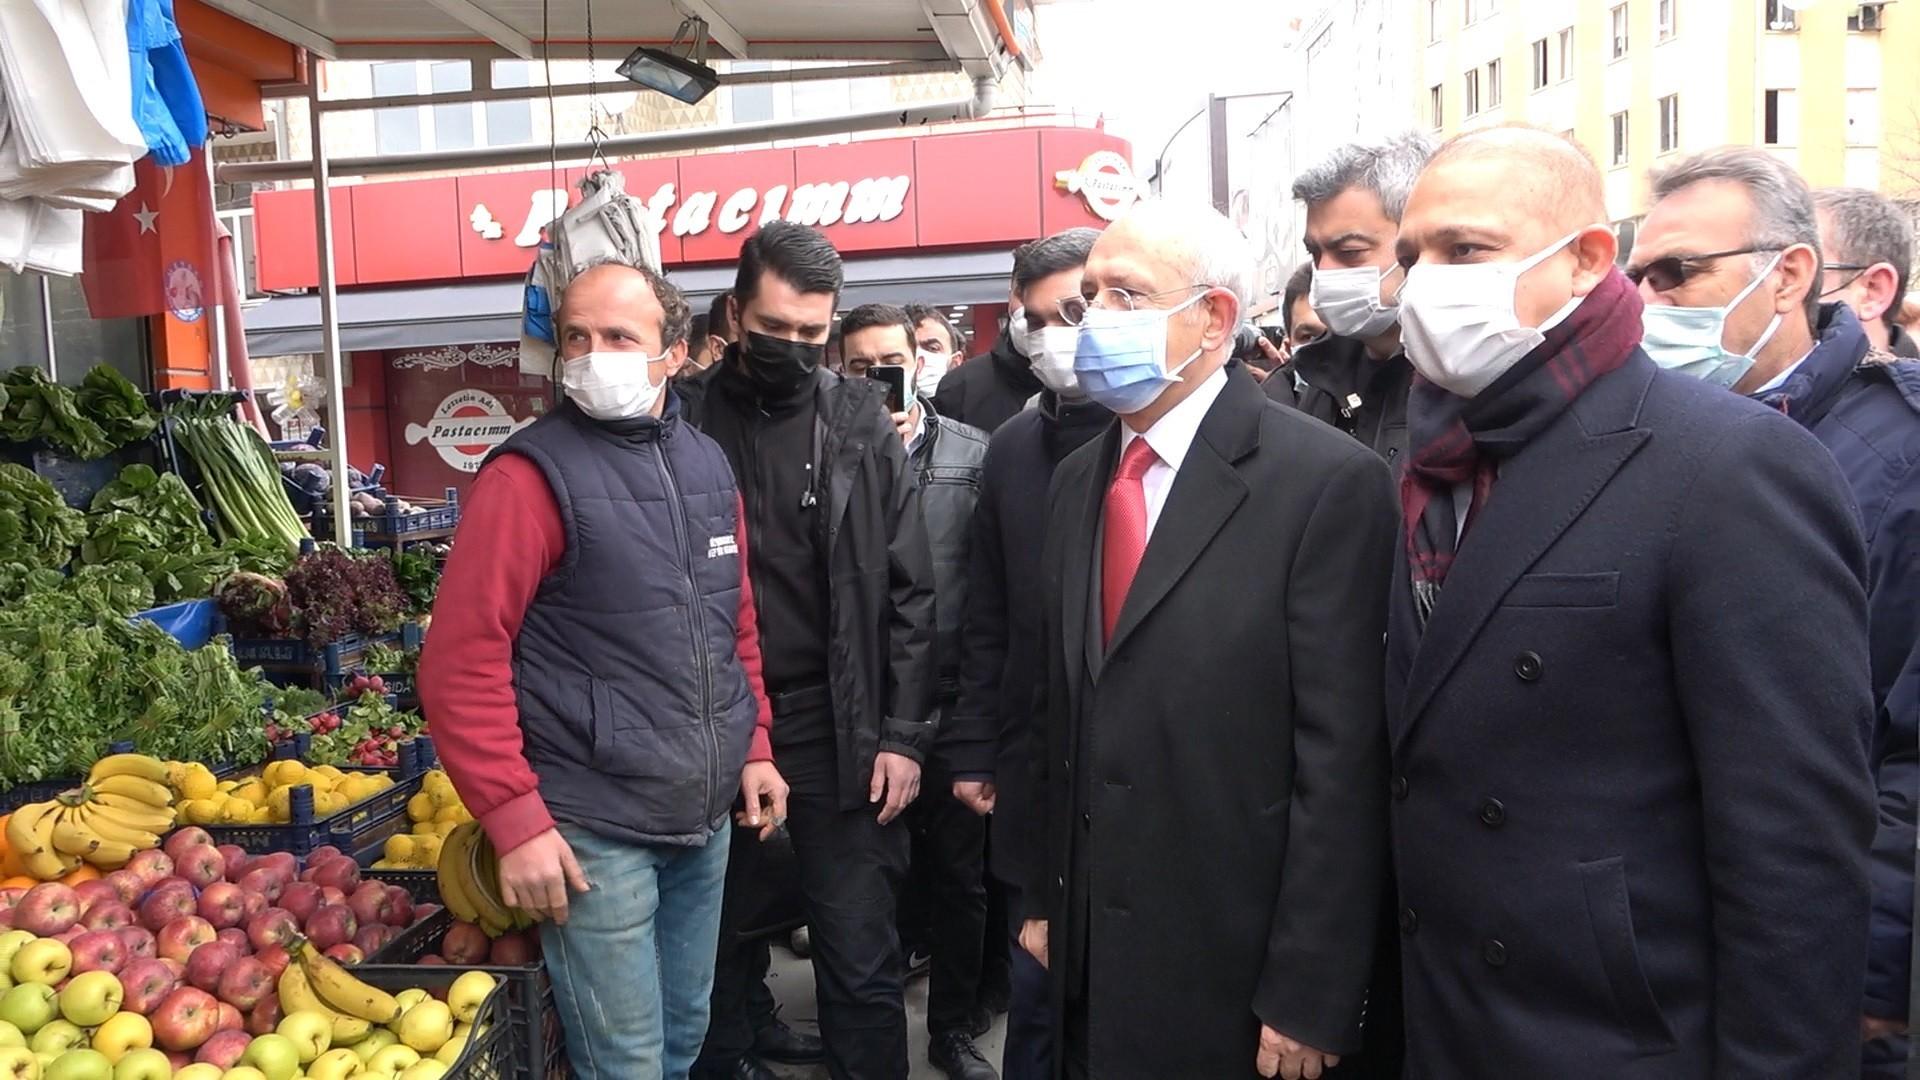 Kılıçdaroğlu: Sadece sorunu dile getirmek değil çözümü de dile getirmek zorundayız